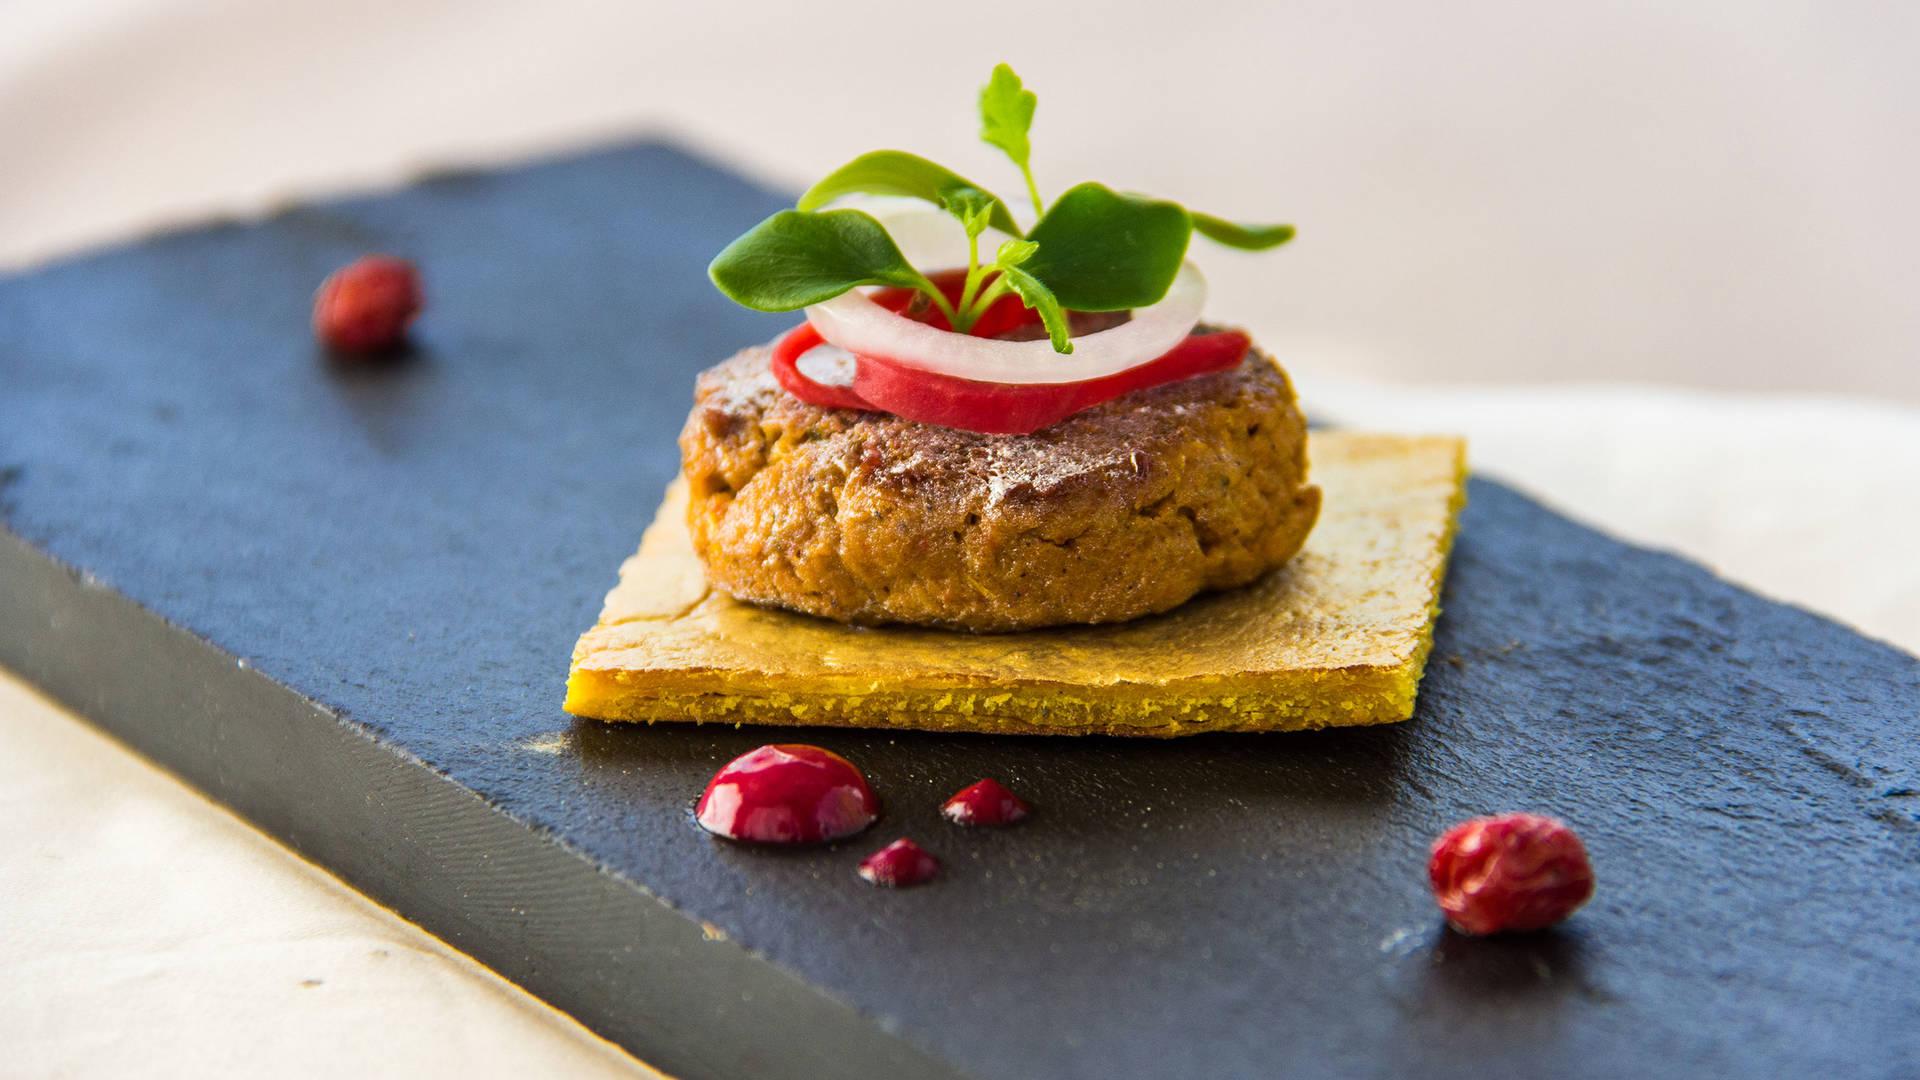 Jumeirah Rising star pastry_16-9